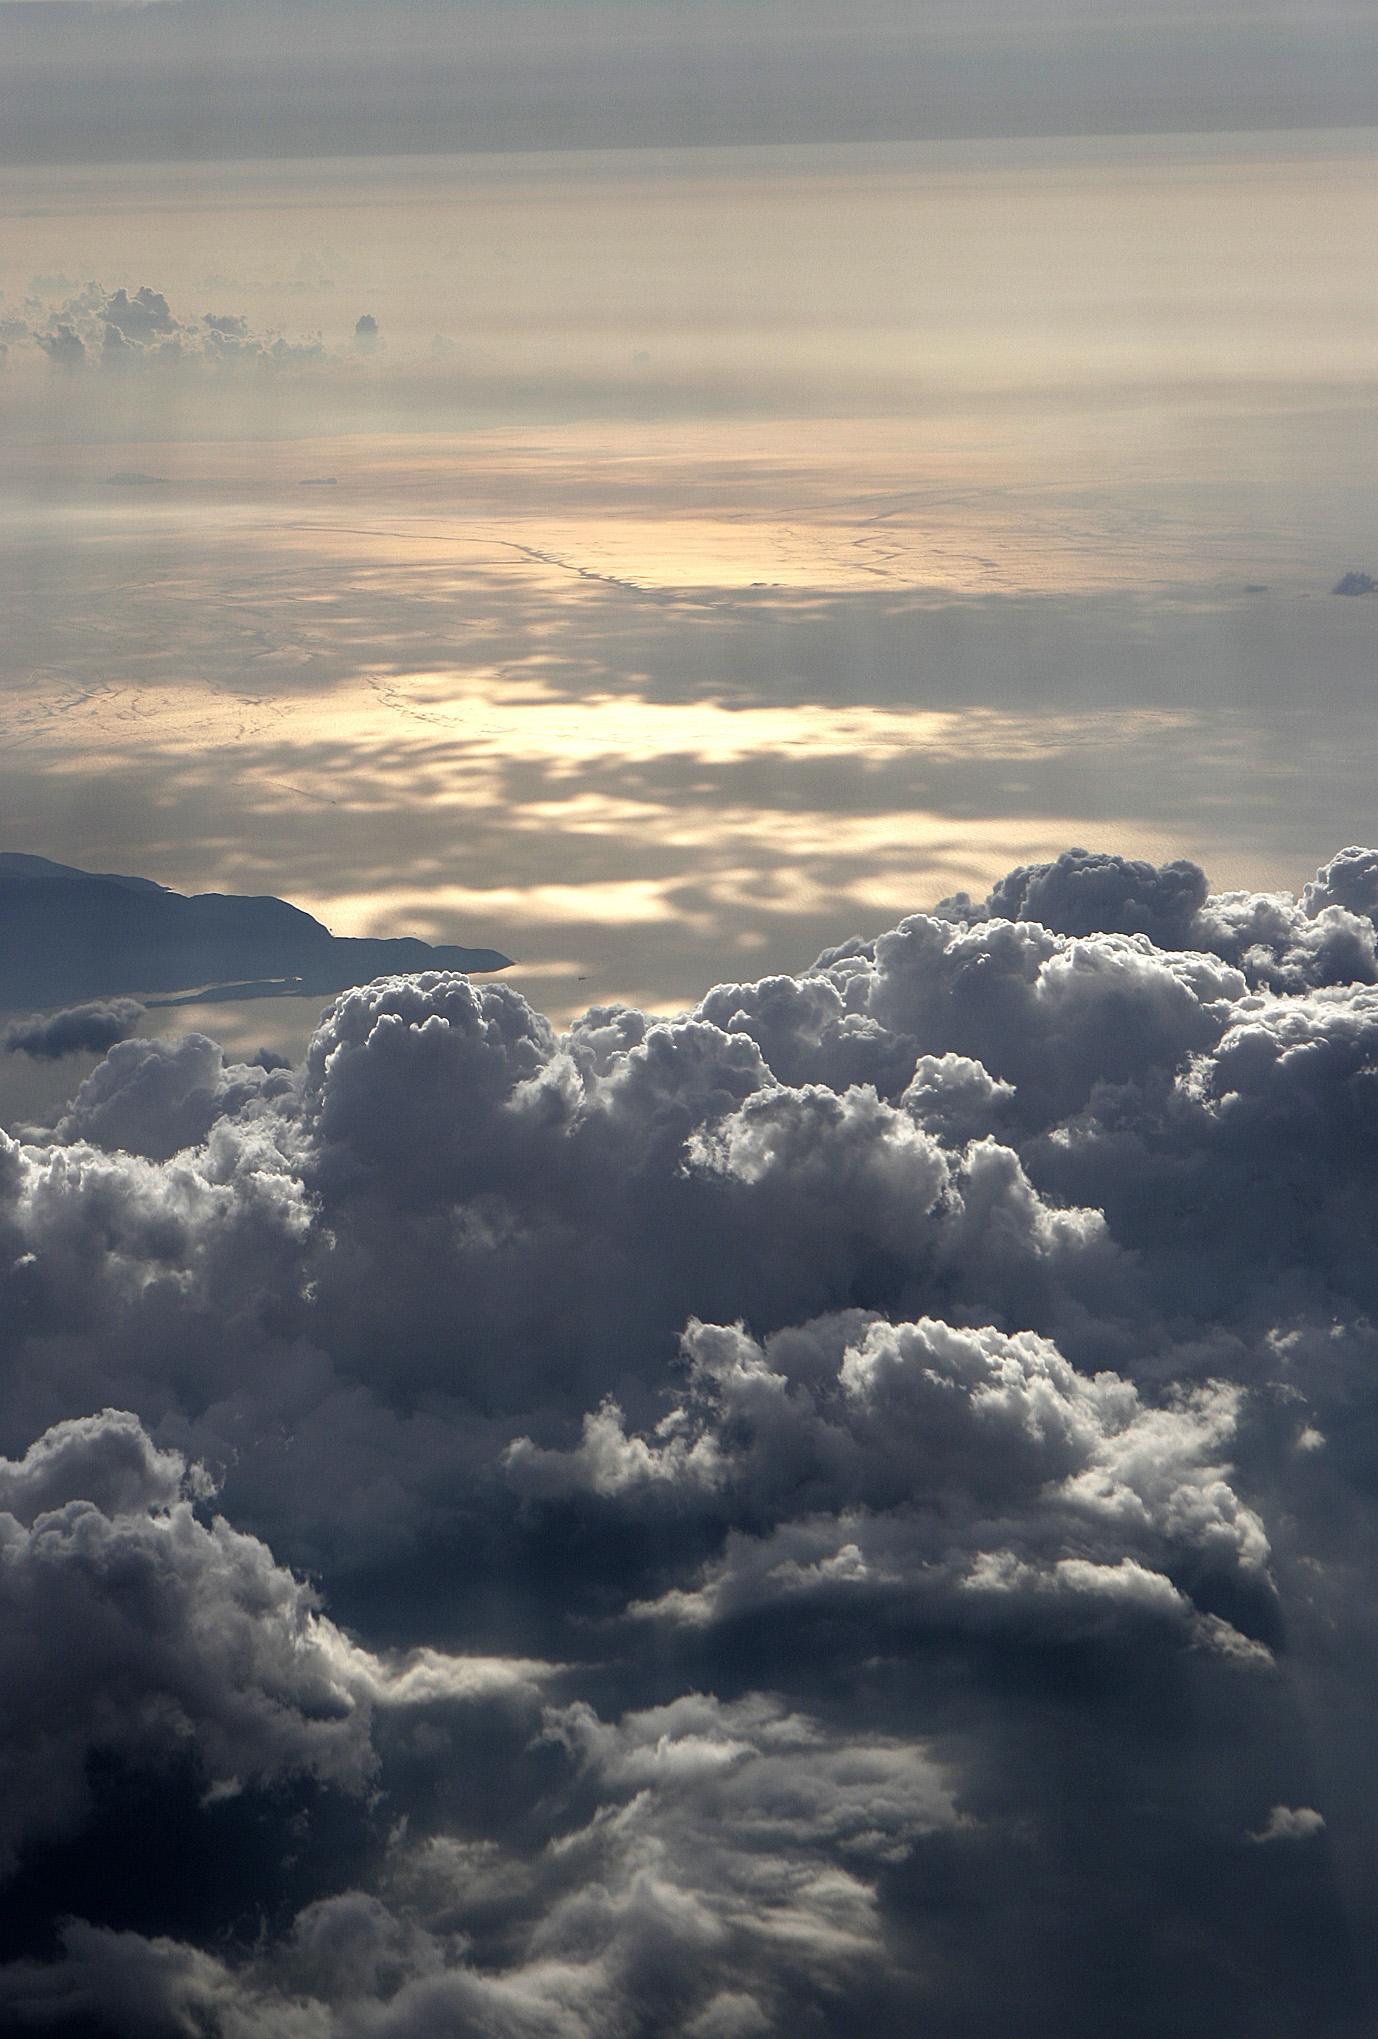 旅行業界は「薄日」に改善-帝国データの業界別天気予測